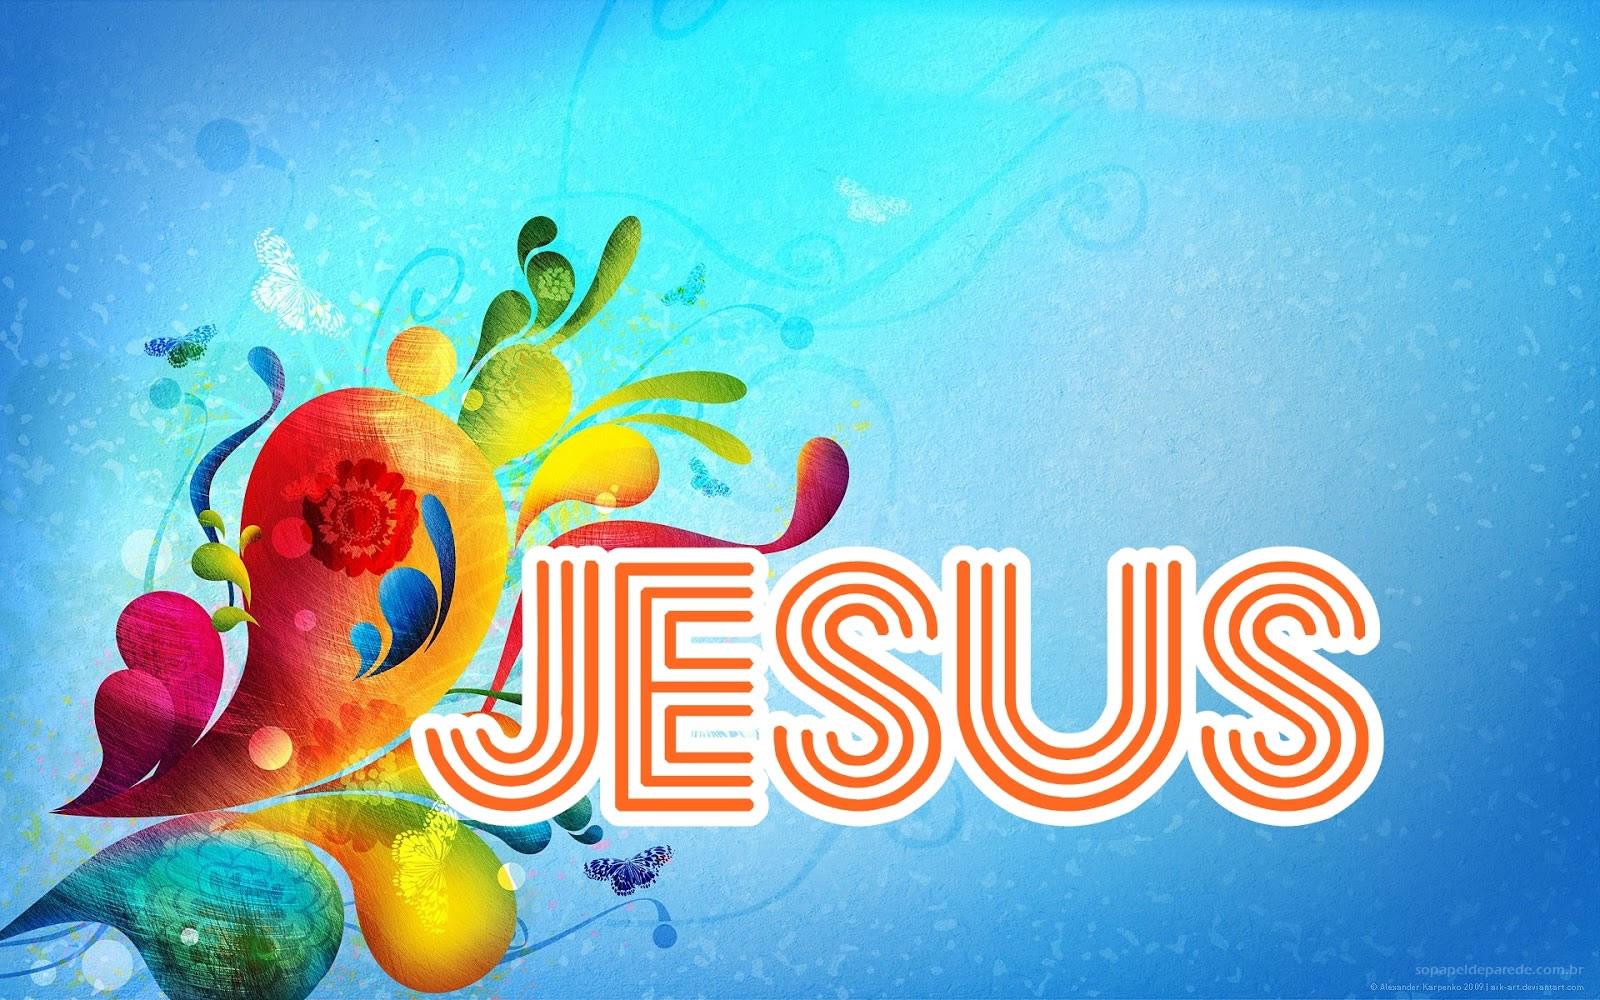 Papel de parede – Jesus e Deus